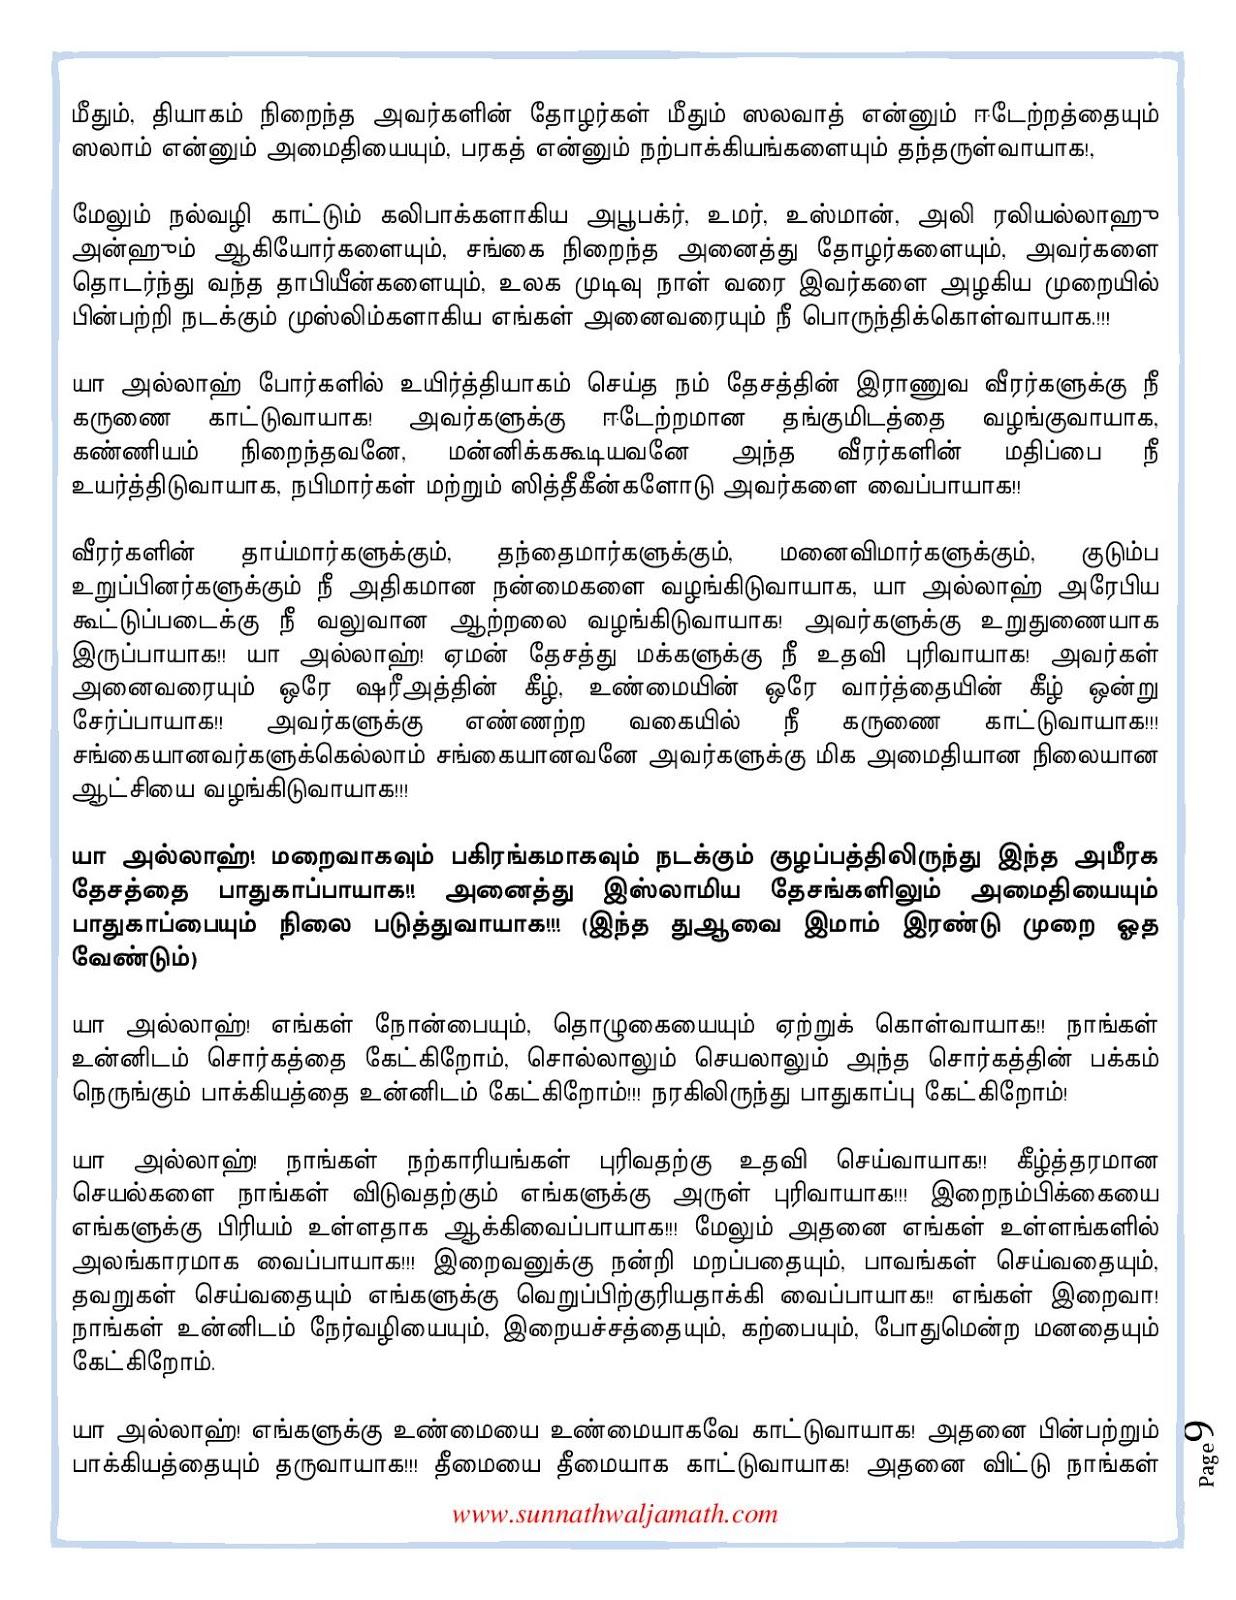 https://4.bp.blogspot.com/-kOU_1pjA8Bs/V1D3JXov71I/AAAAAAAAHC8/VFUe4bkT3sEuHaQ5mTB79RgoFCEuW0bUACLcB/s1600/Tamil%2B3rd%2BJune-16-page-009.jpg